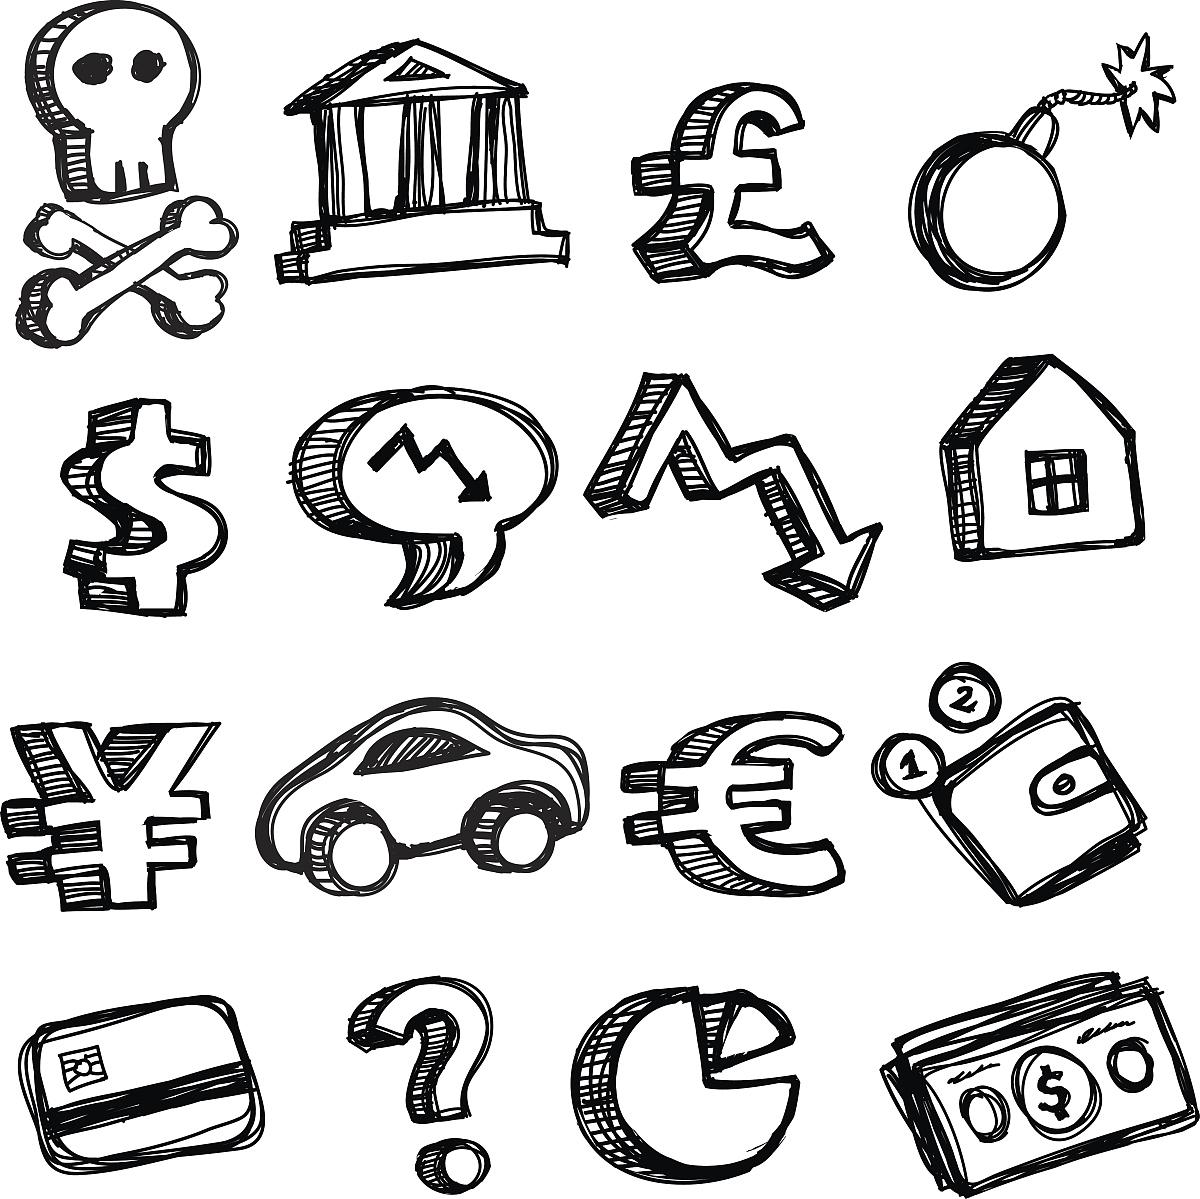 美元符号,英镑符号,符号,房屋,轰炸,日元符号,黑白图片,矢量,网络表情图片